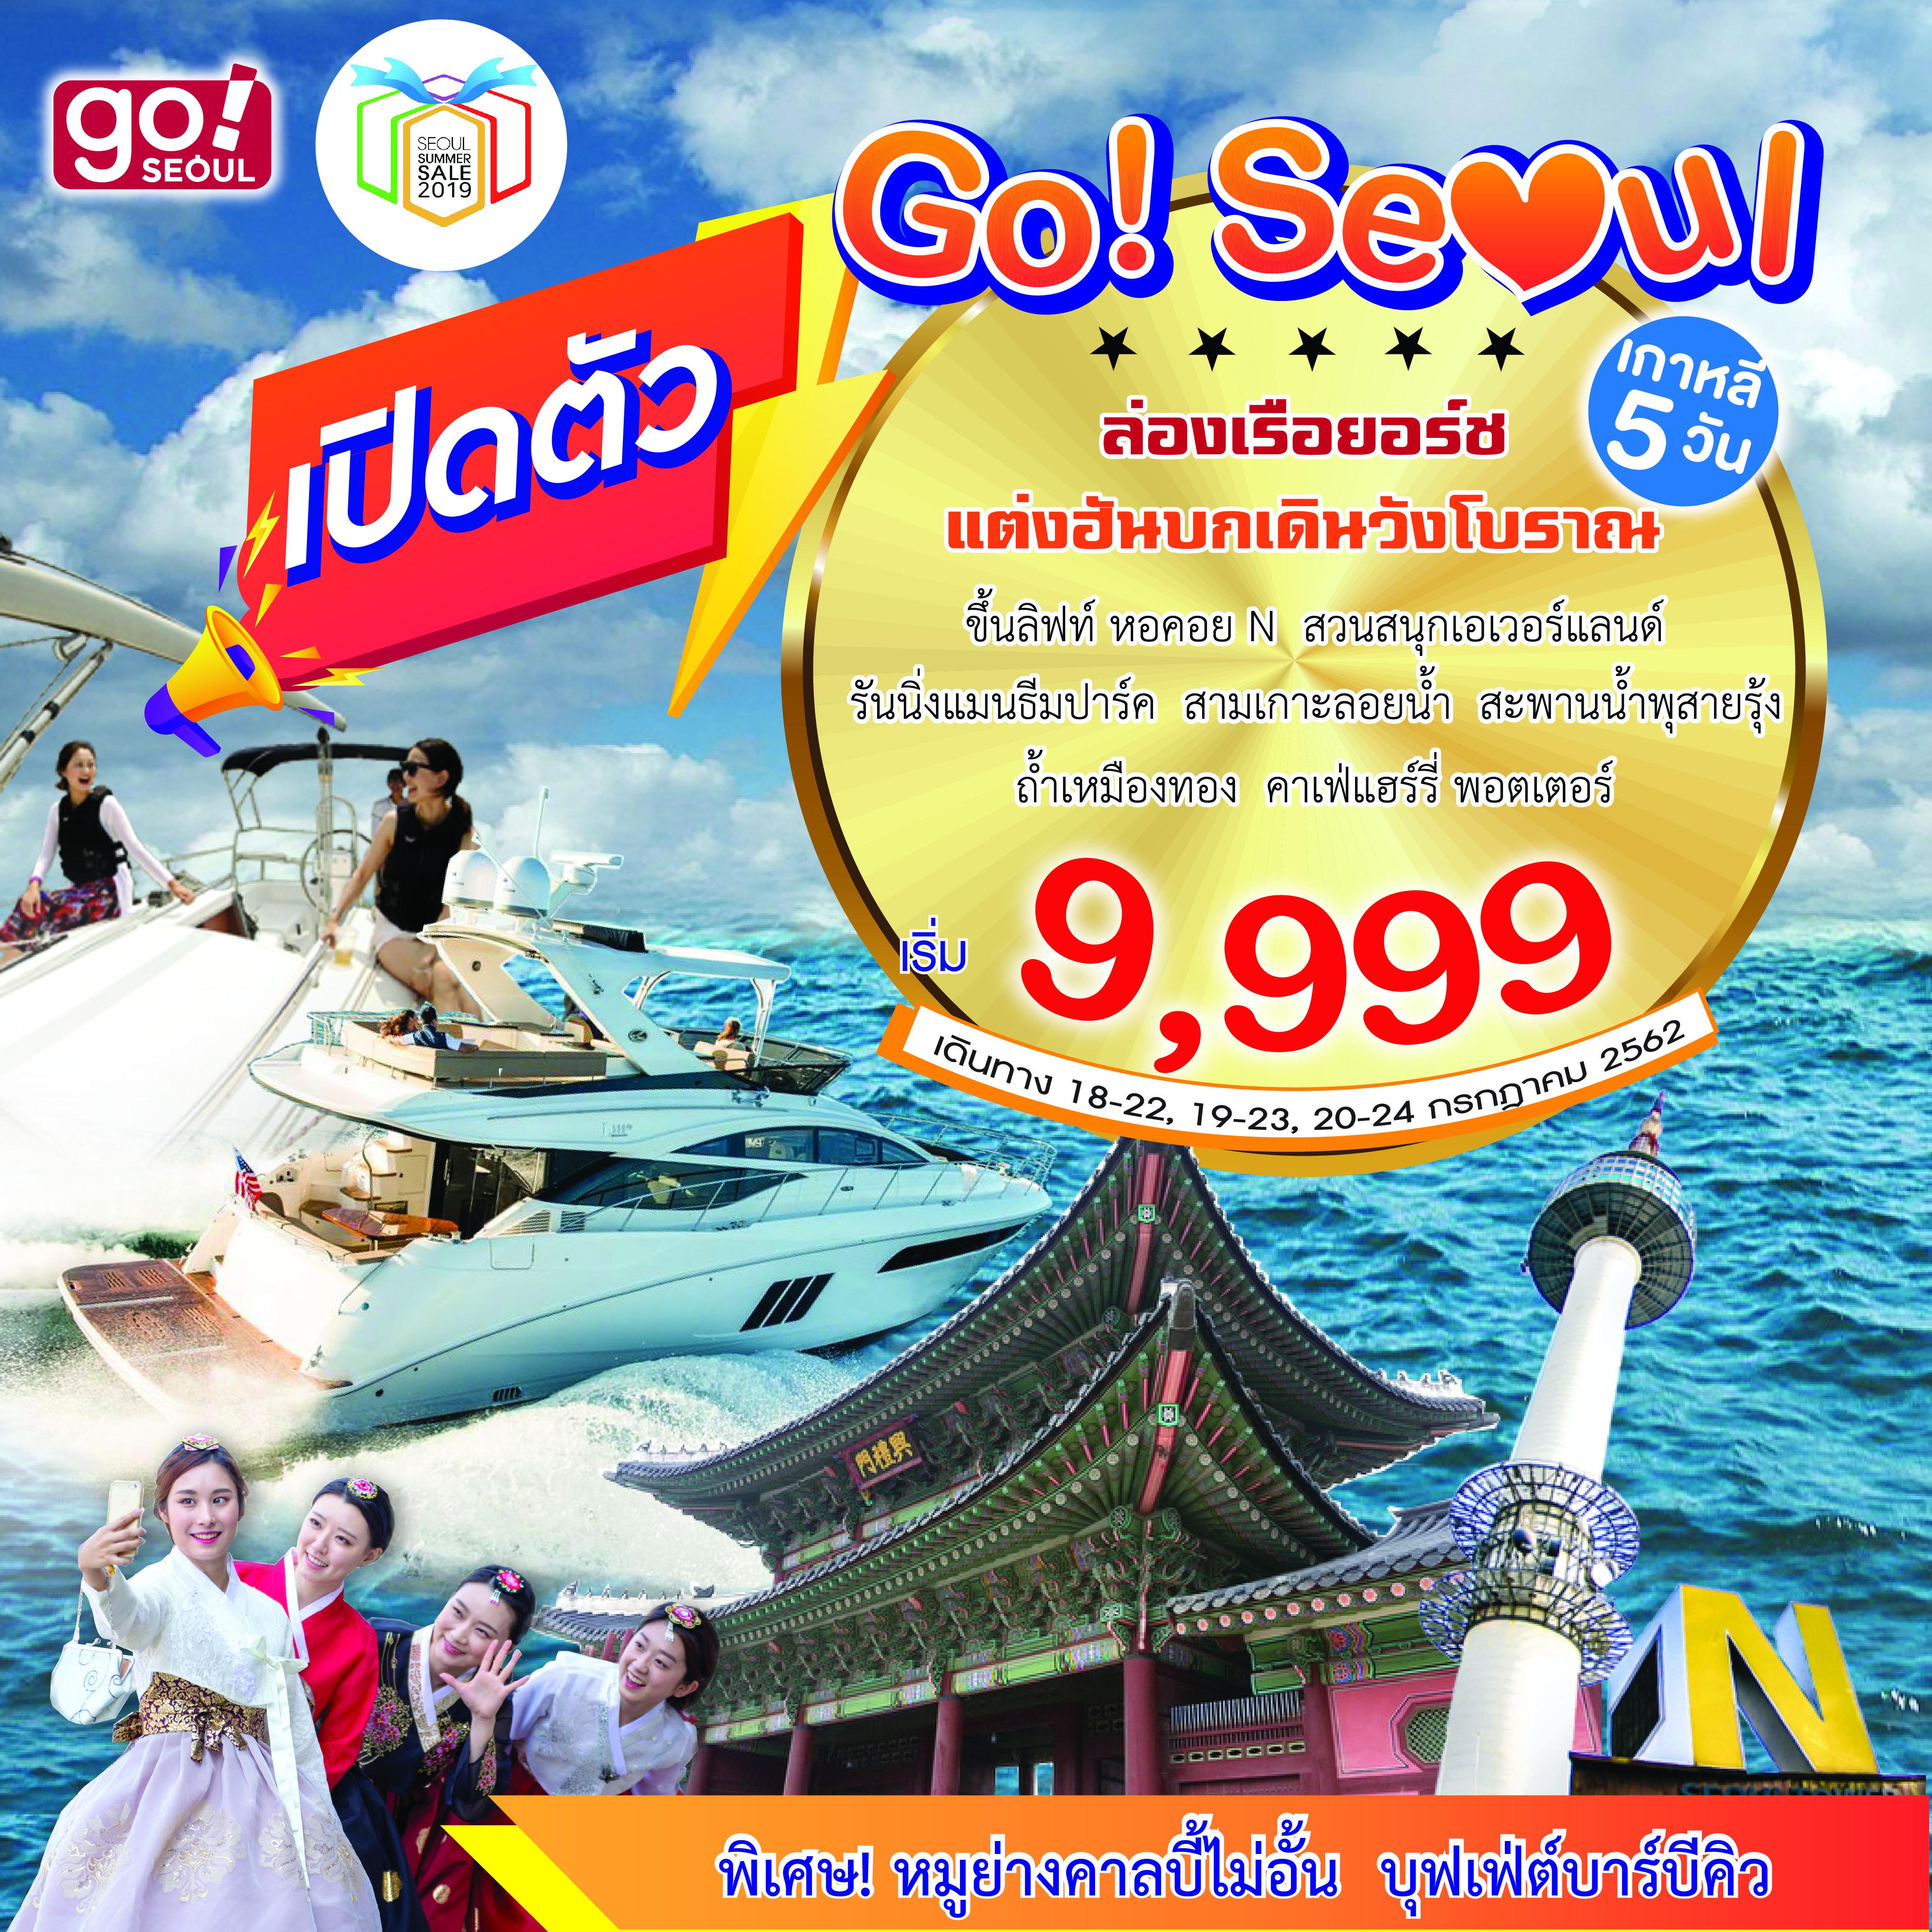 ทัวร์เกาหลี BUDGET GO! SEOUL YACHT PRO 5D3N (JN)